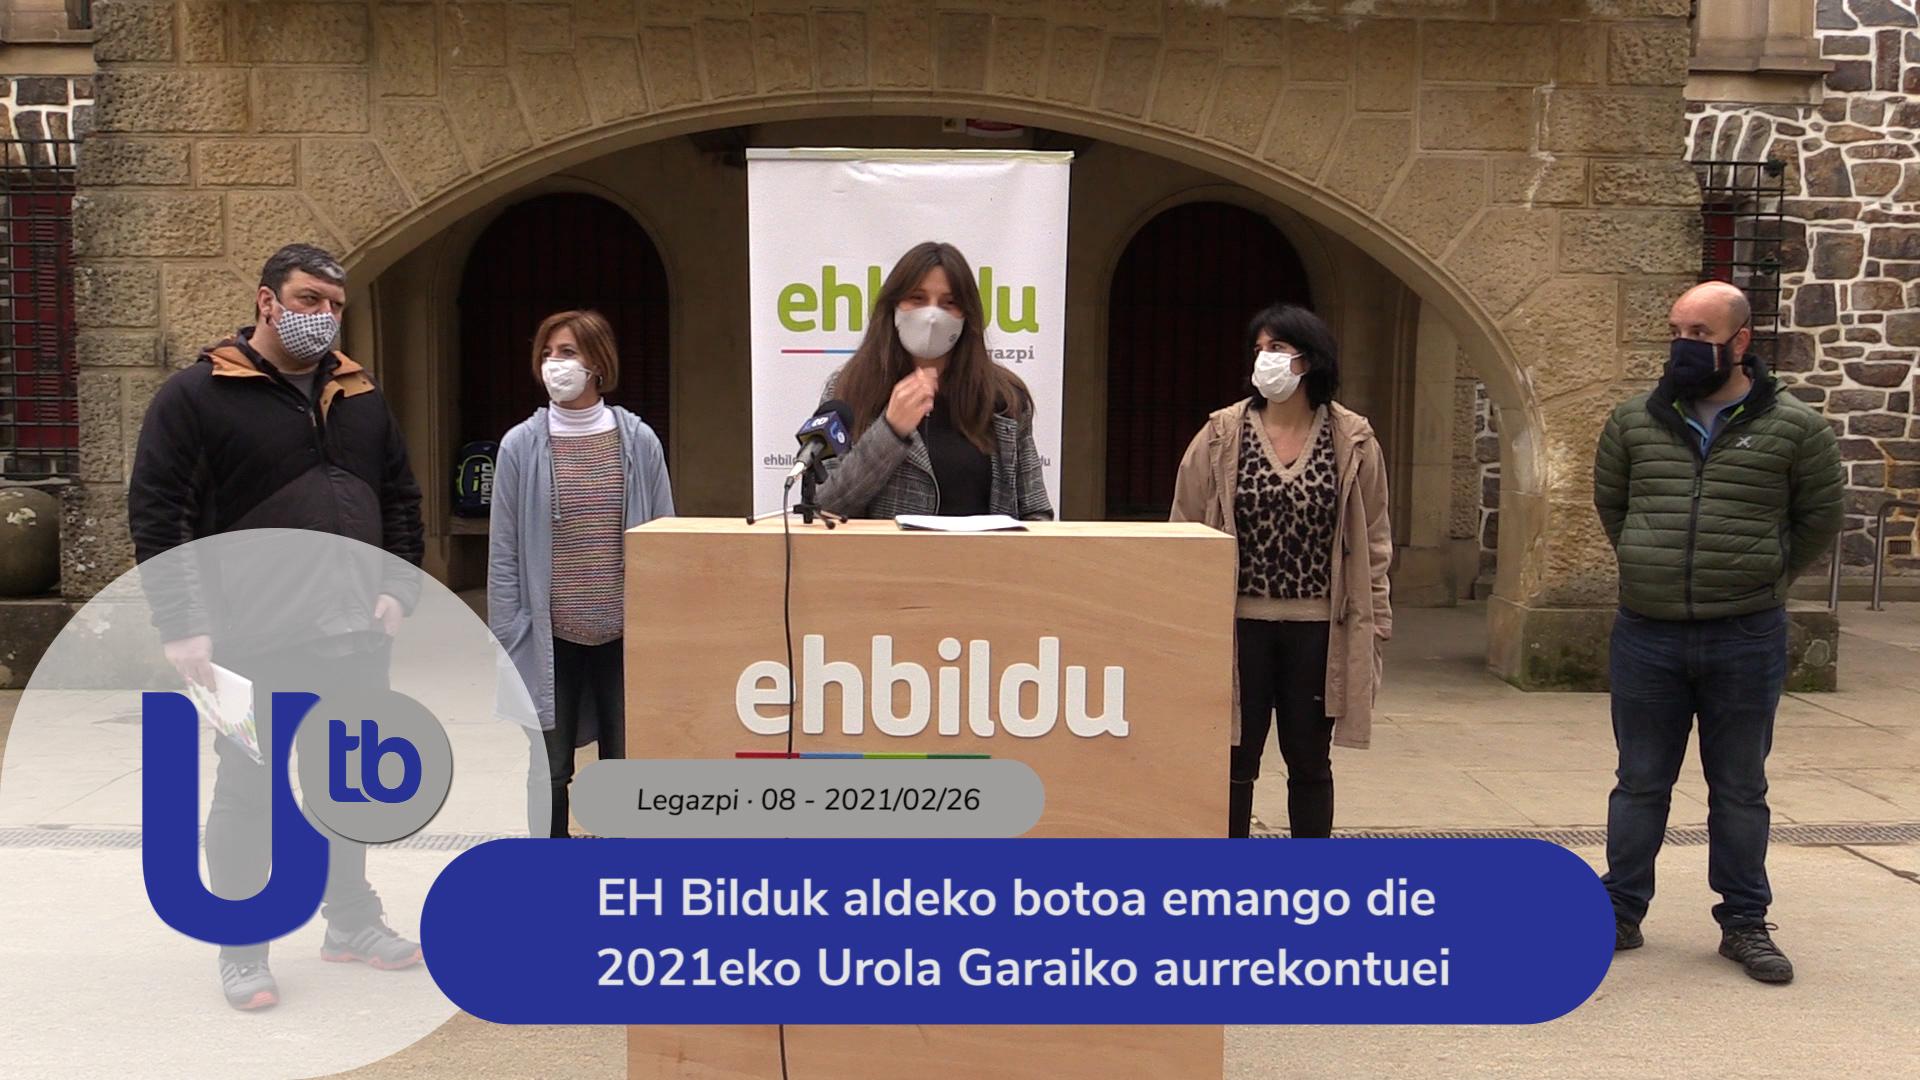 EH Bilduk aldeko botoa emango die 2021eko Urola Garaiko aurrekontuei / EH Bildu votará a favor los presupuestos de 2021 de Urola Garaia